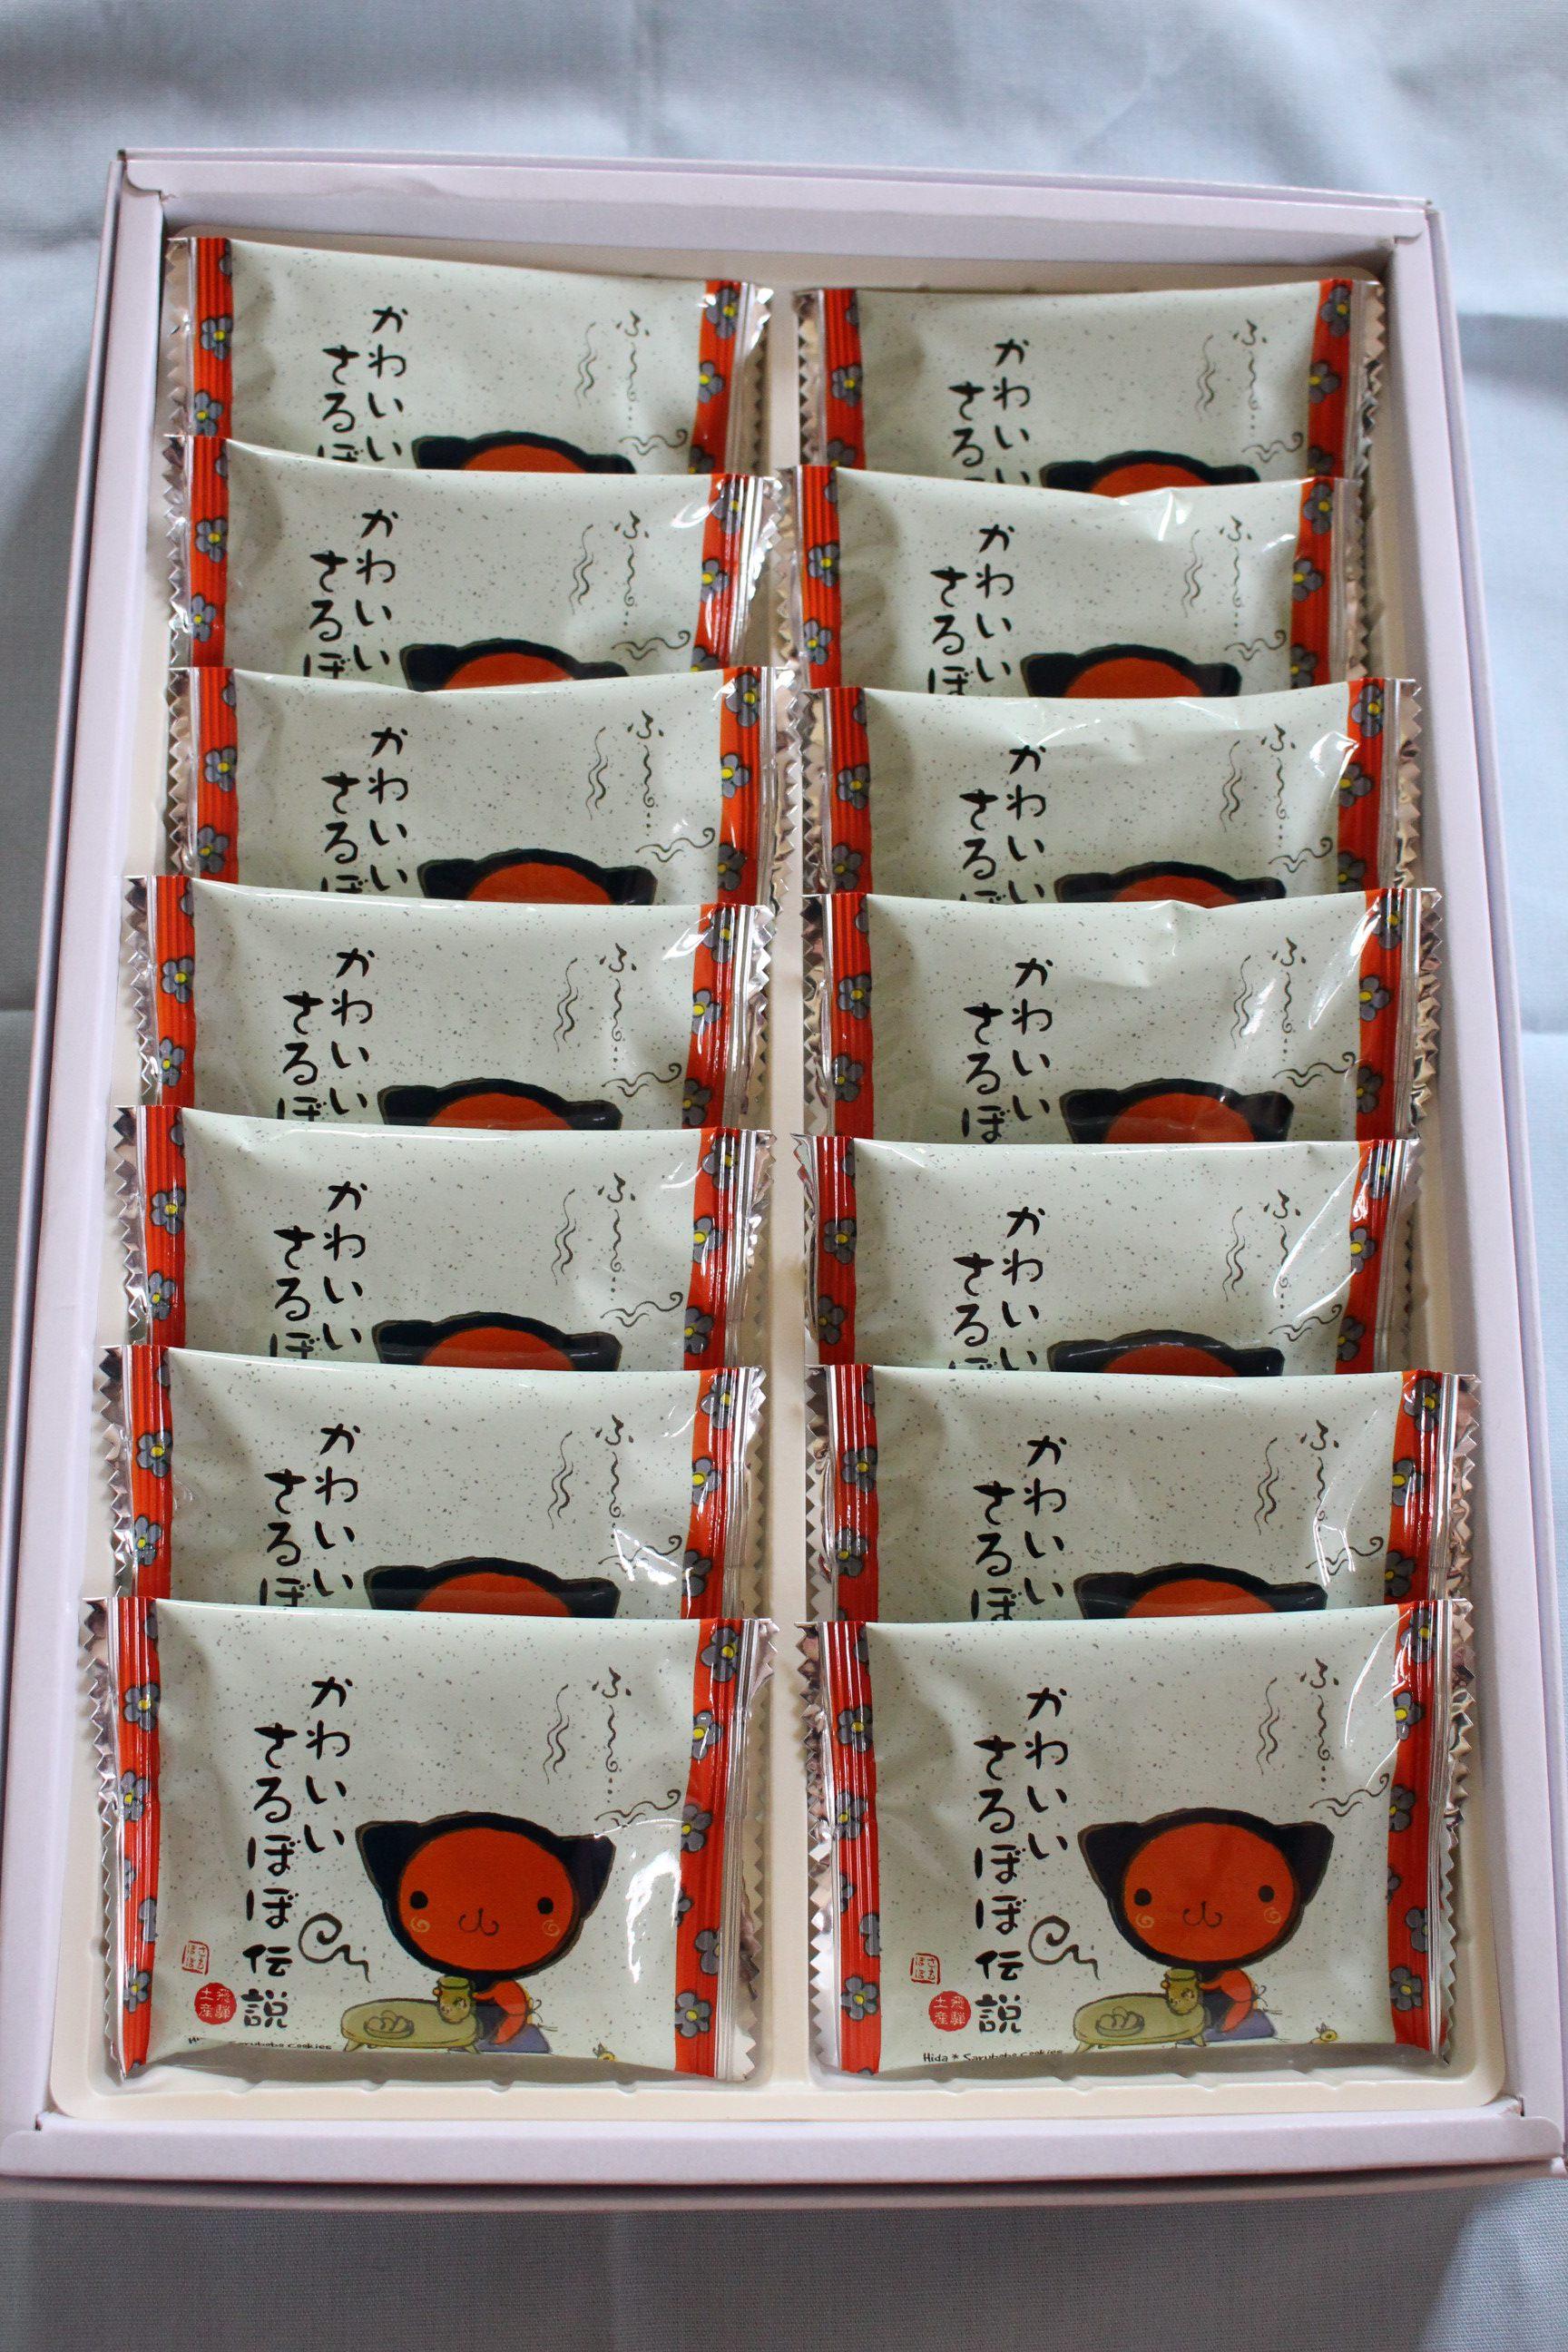 饼干盒里的小包装上也画有同外包装一样的猴宝宝图案。